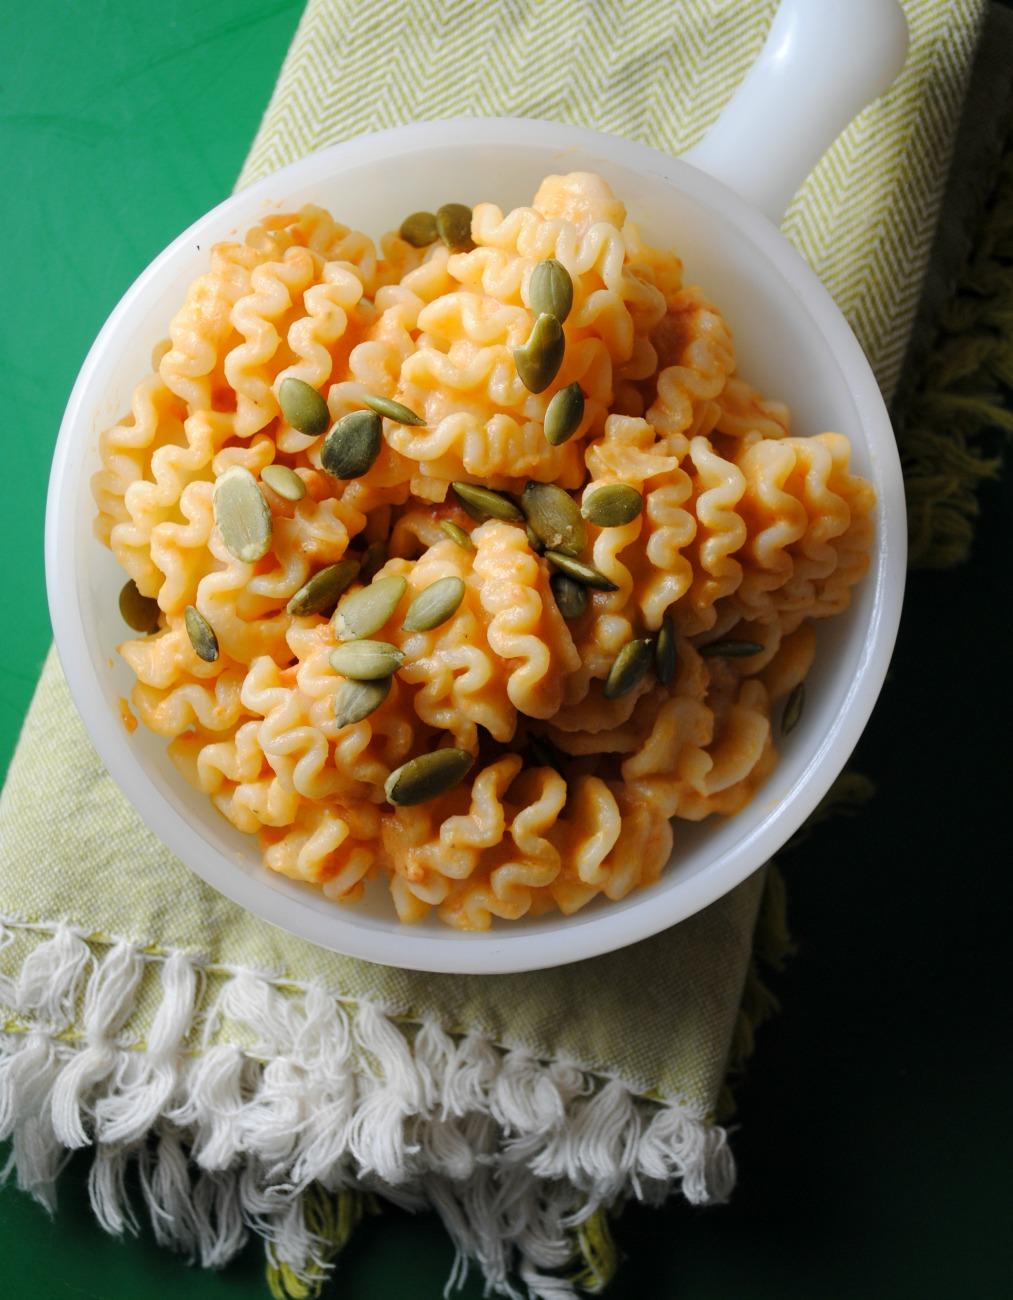 creamy-pumpkin-pasta-sauce-VianneyRodriguez